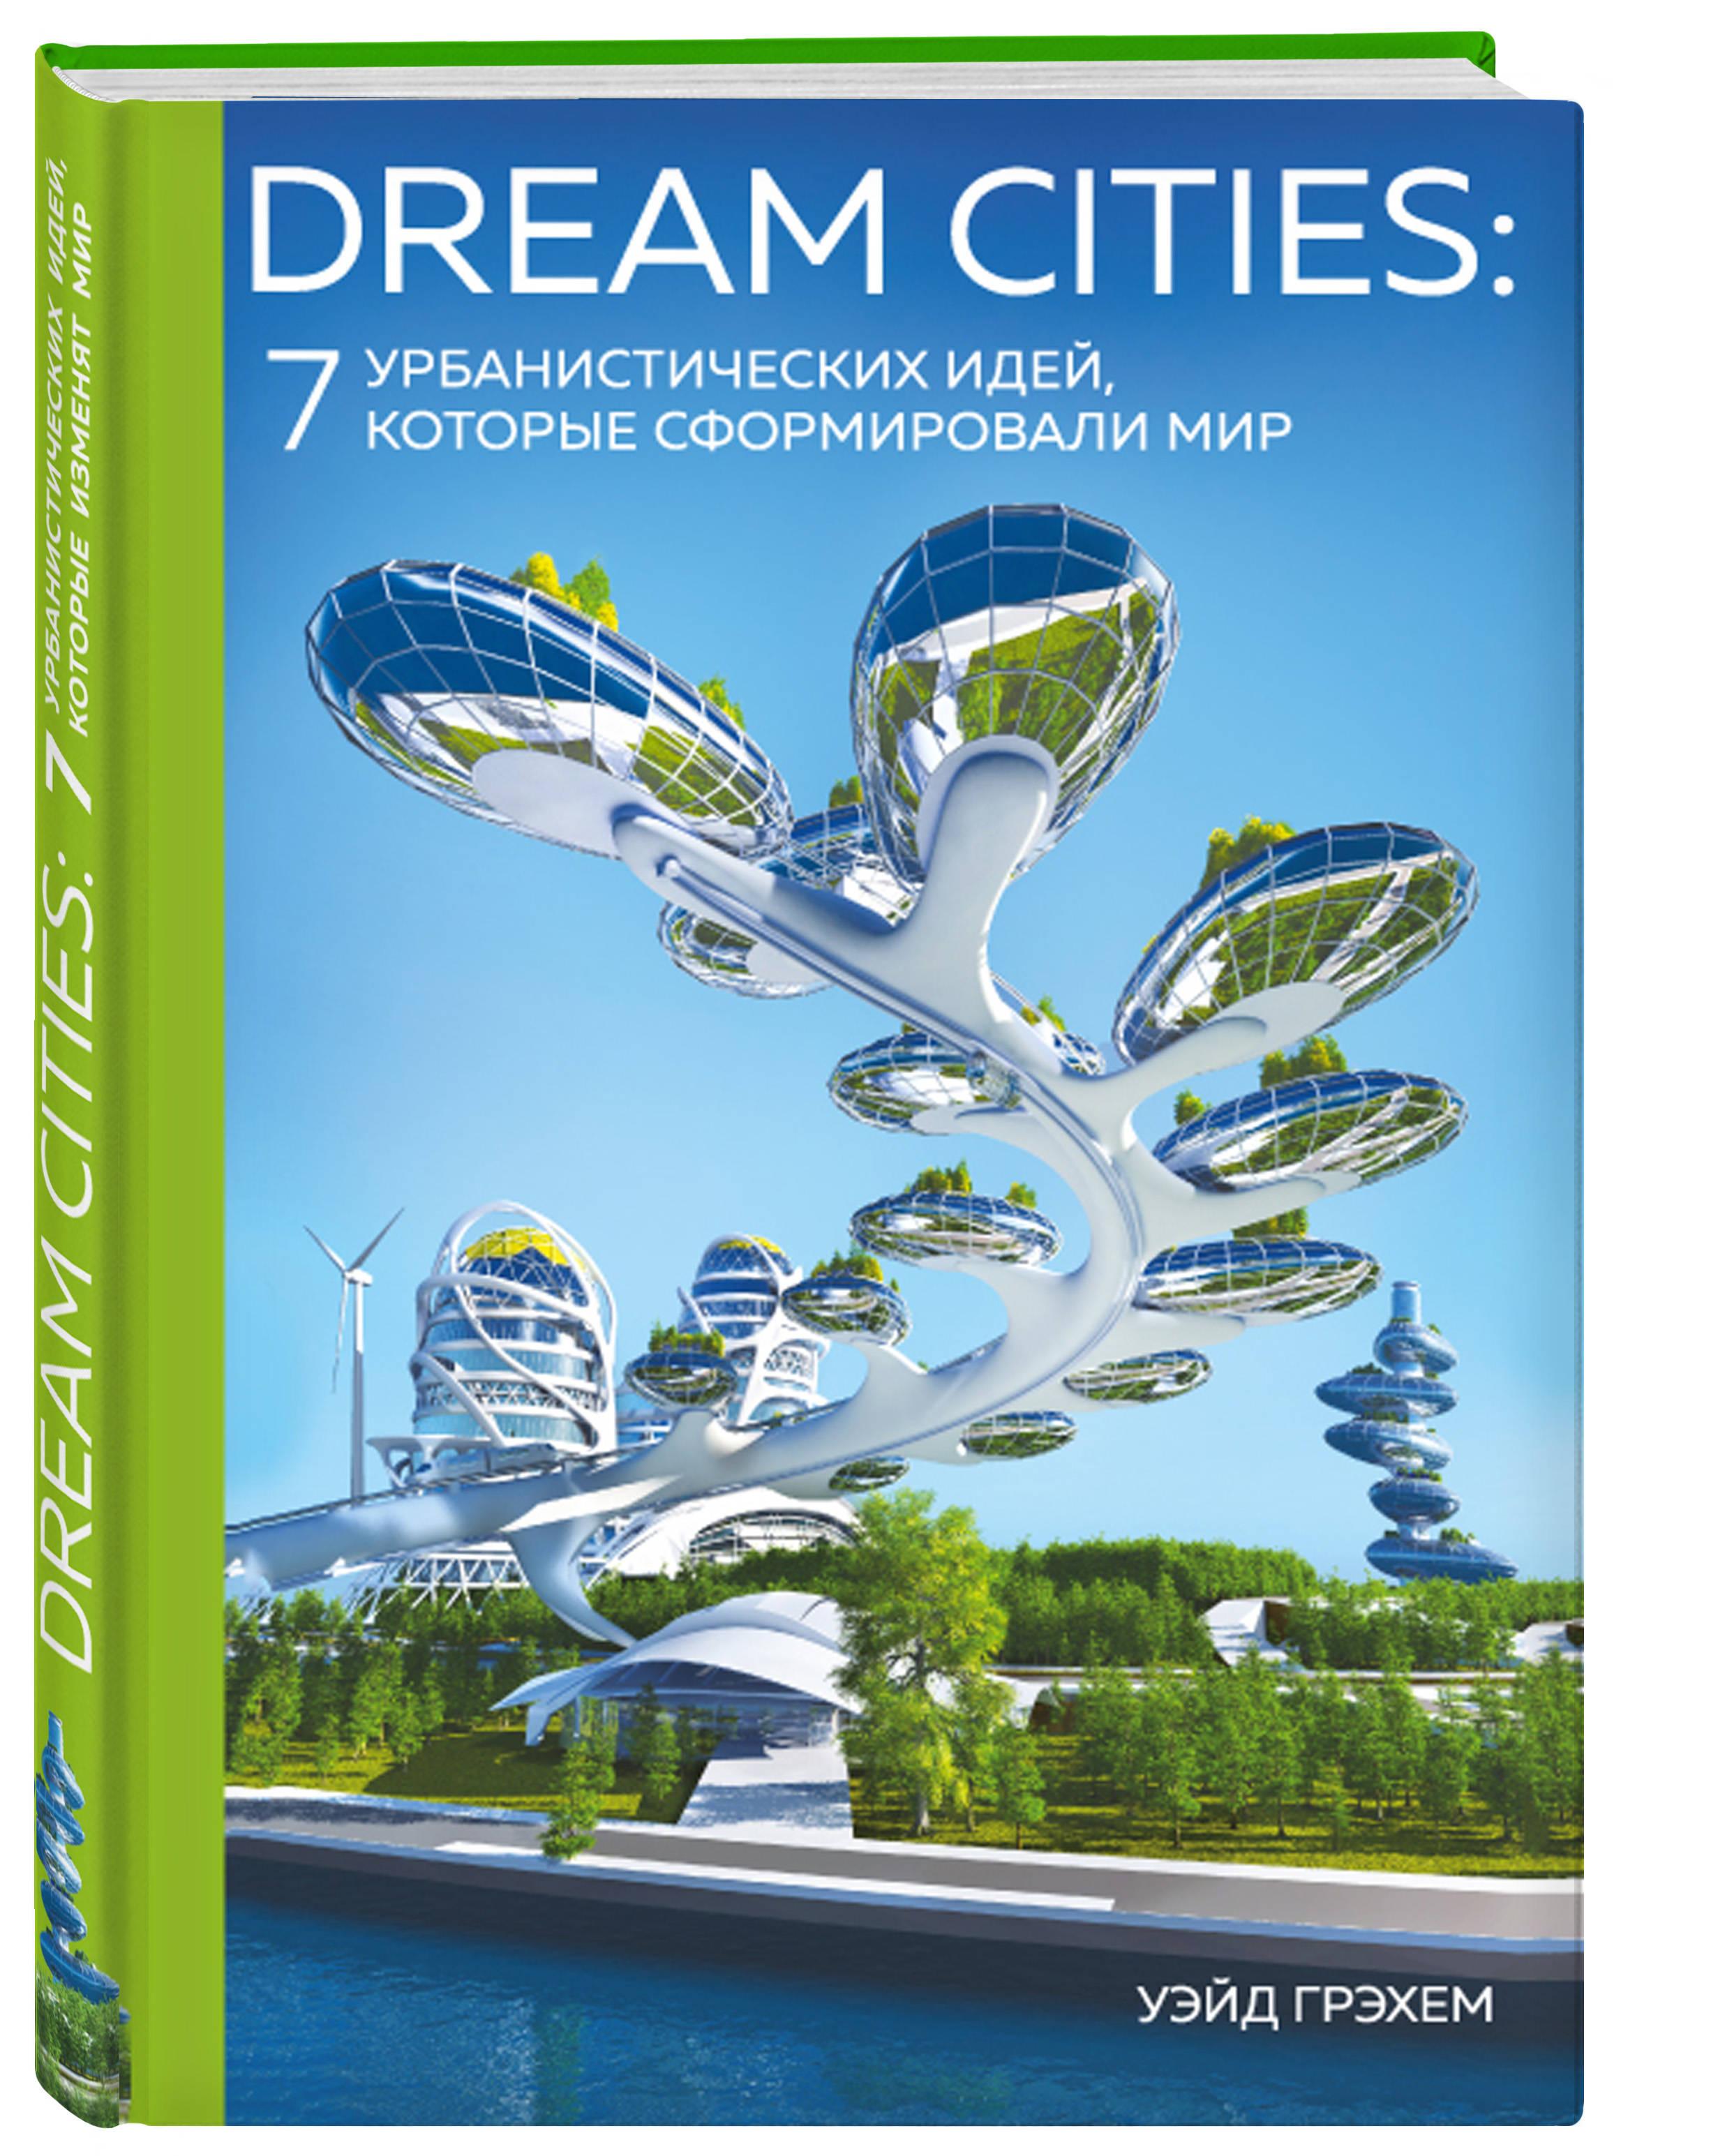 Уэйд Грэхем Dream Cities: 7 урбанистических идей, которые сформировали мир